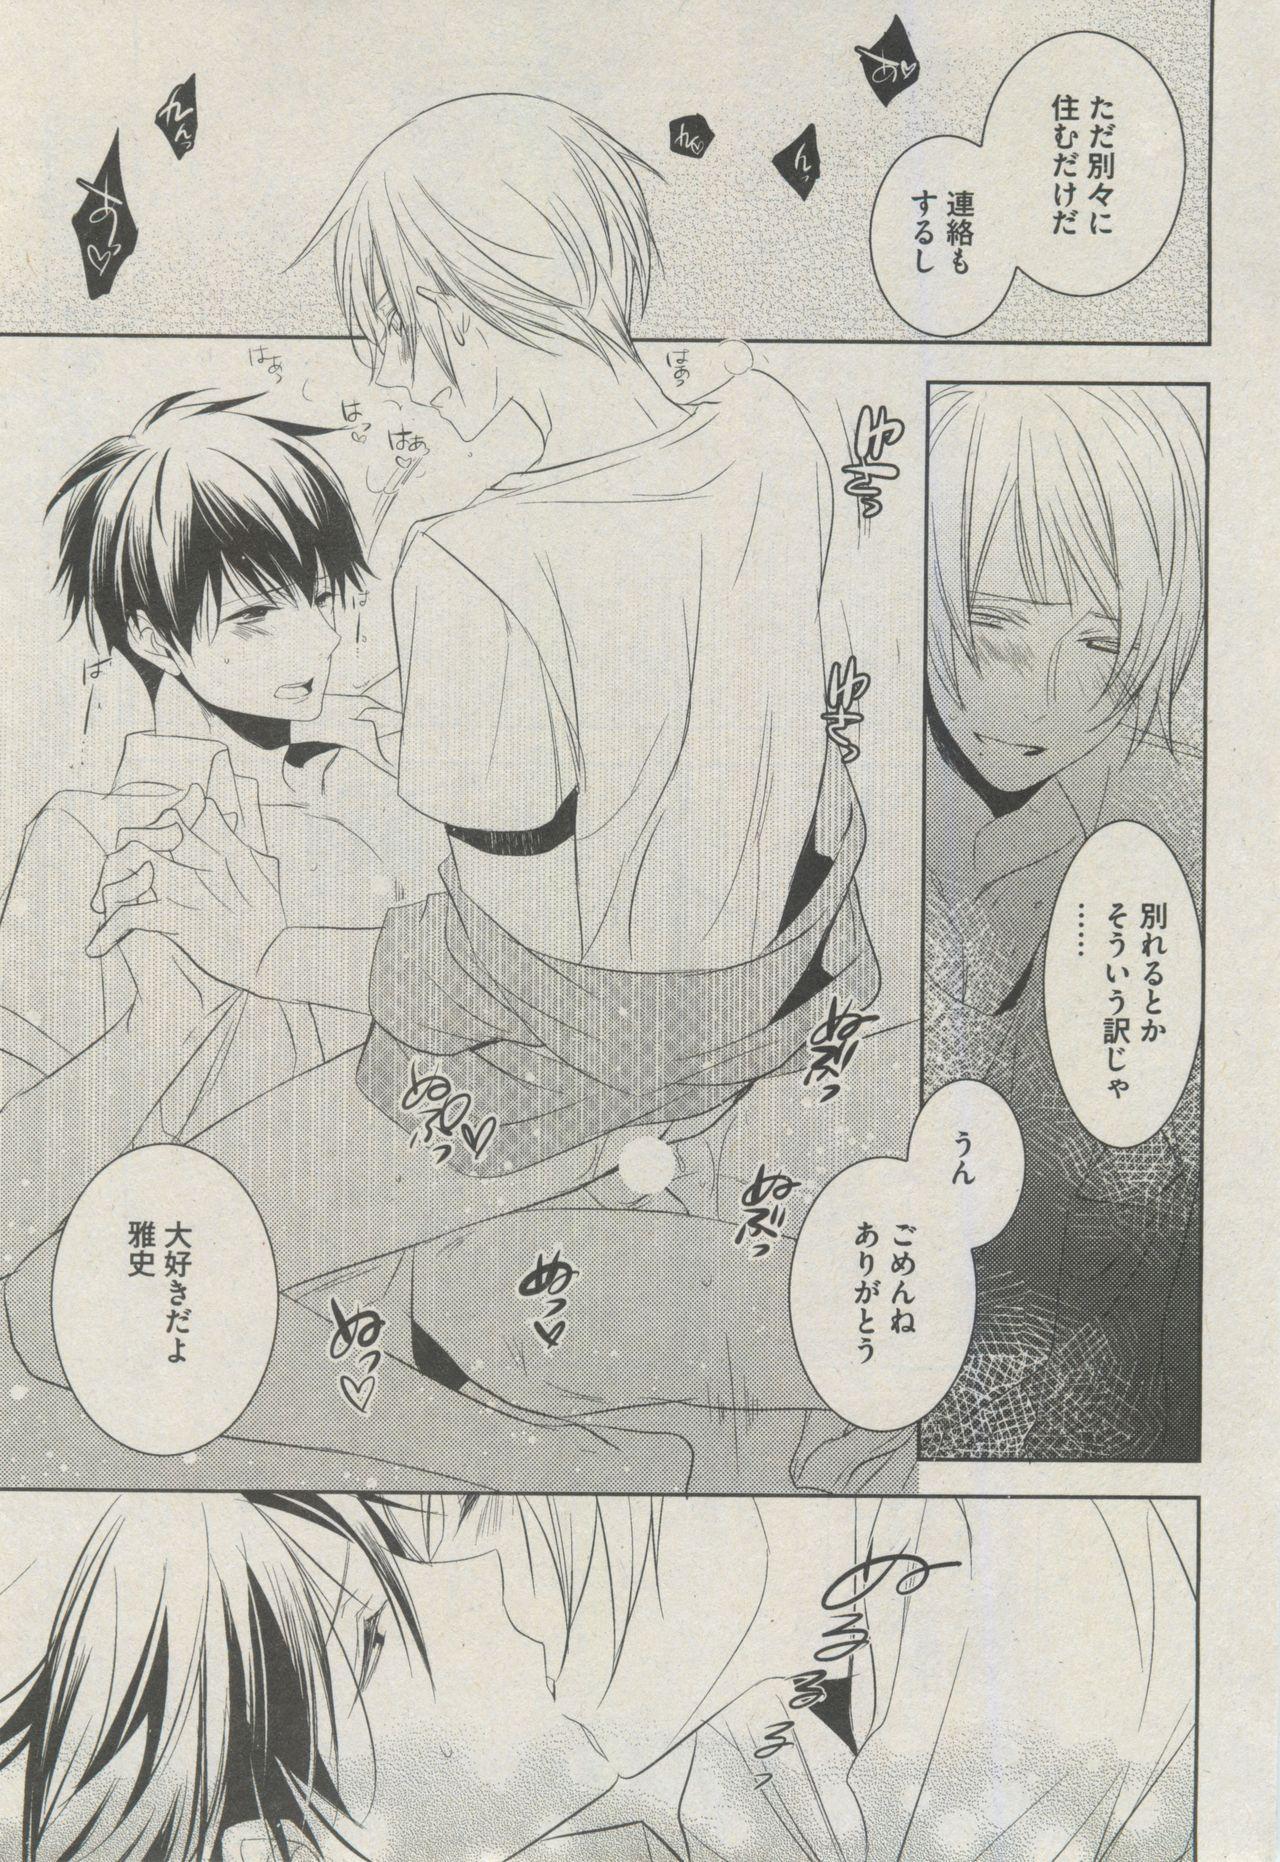 BOY'S ピアス 2014-09 64